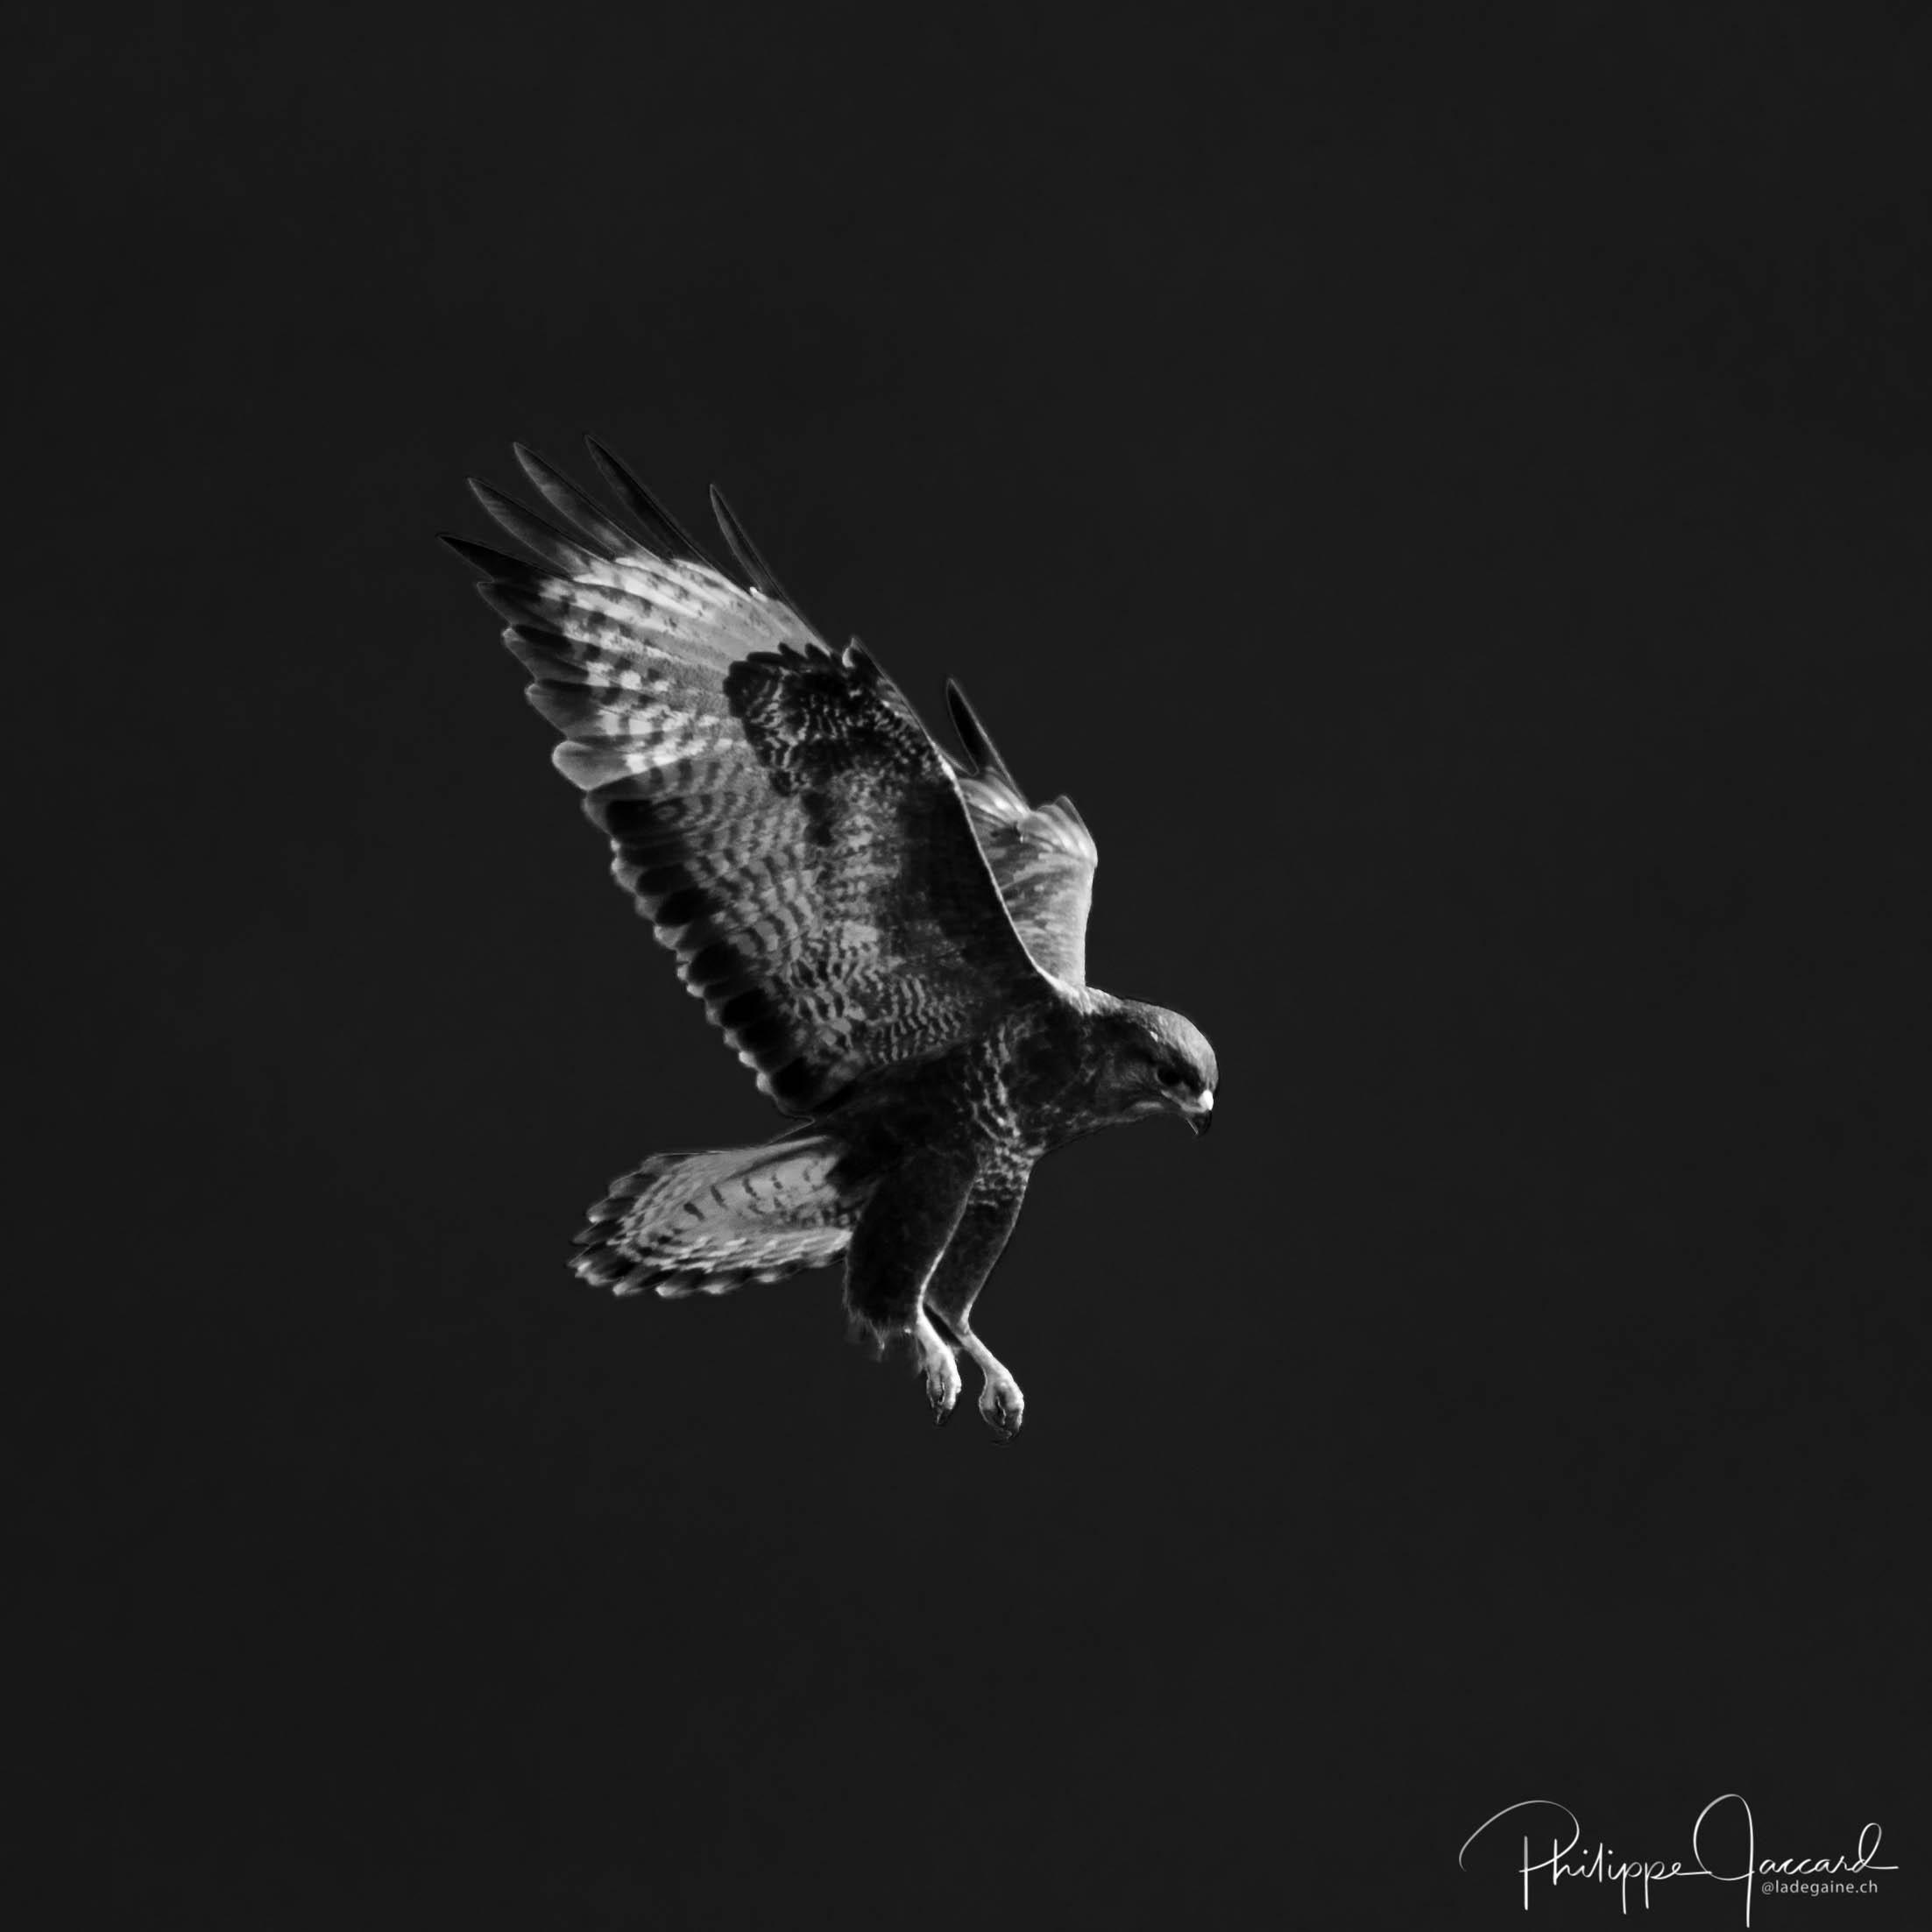 Cette buse joue aux faucons pour s'immobiliser au-dessus de sa proie potentielle @ près de chez moi – Buse en vol stationnaire par Philippe Jaccard